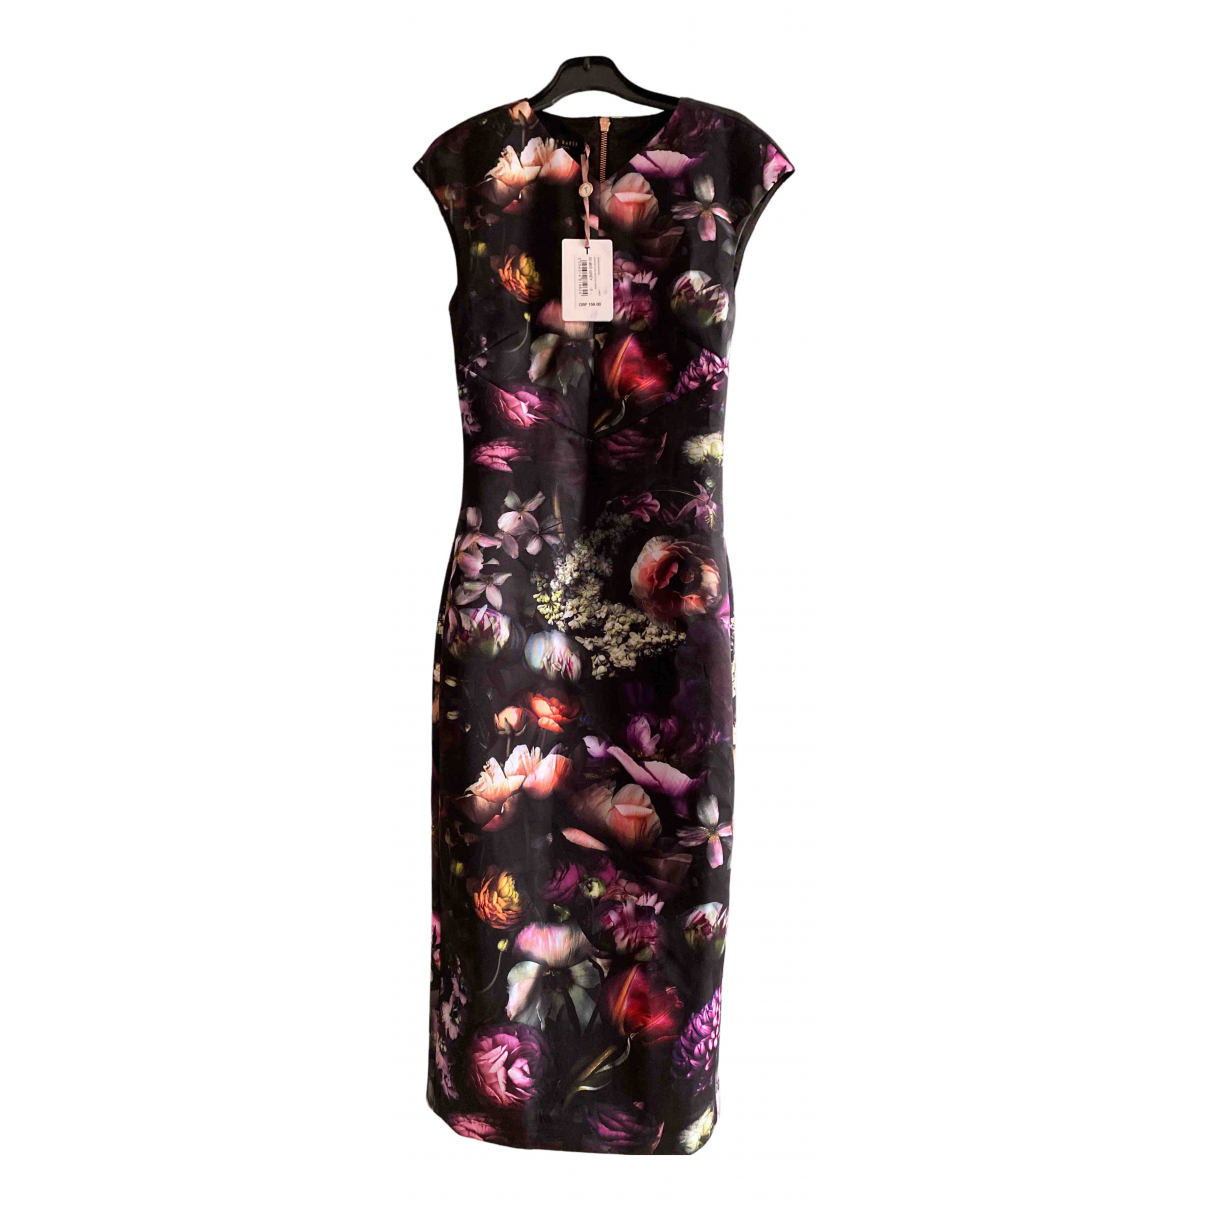 Ted Baker \N Anthracite dress for Women 34 FR